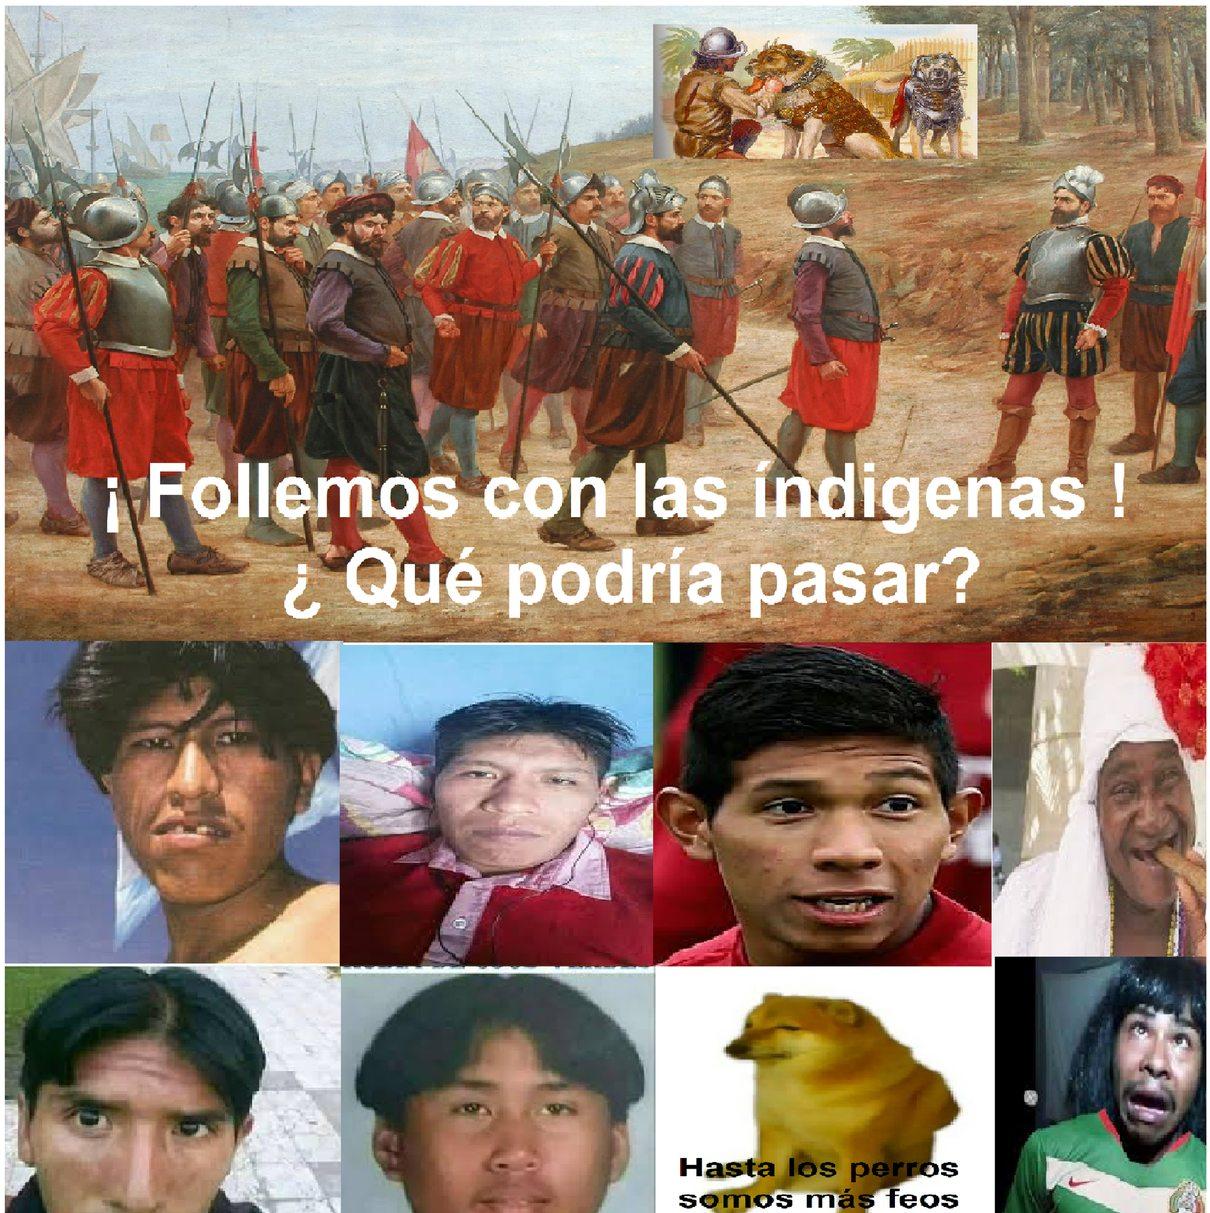 PERDONEN LA CALIDAD, PERO TENÍA QUE HACERLO CHICO PARA PODER SUBIRLO - meme